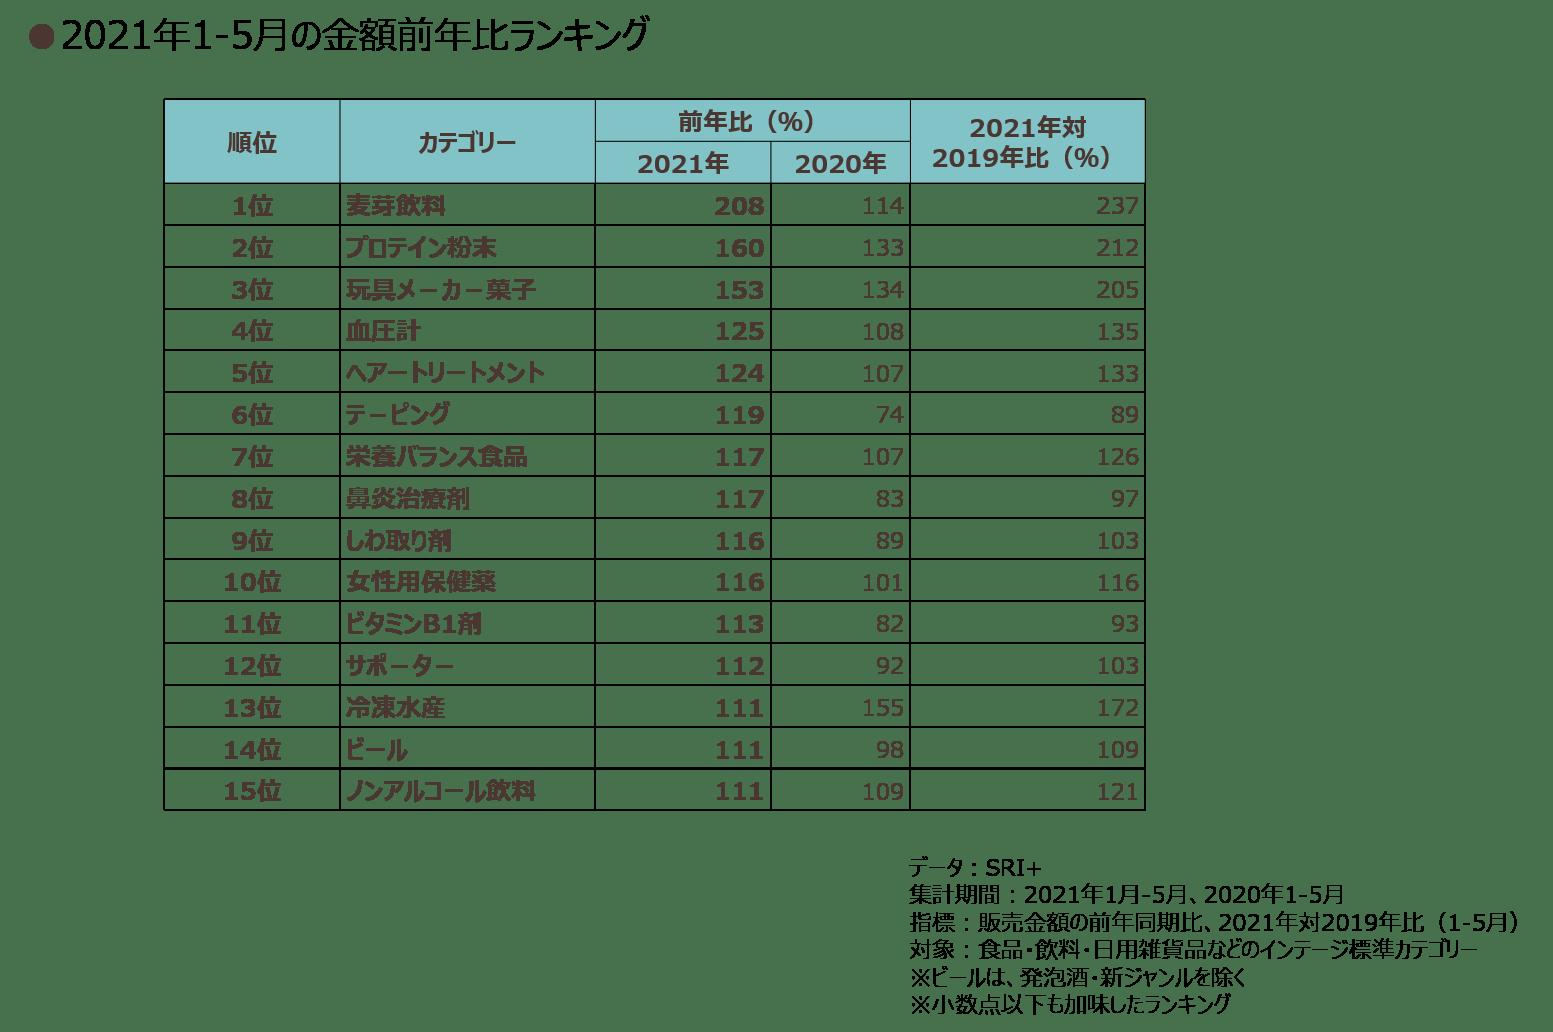 2021kamiki-ranking_01.png